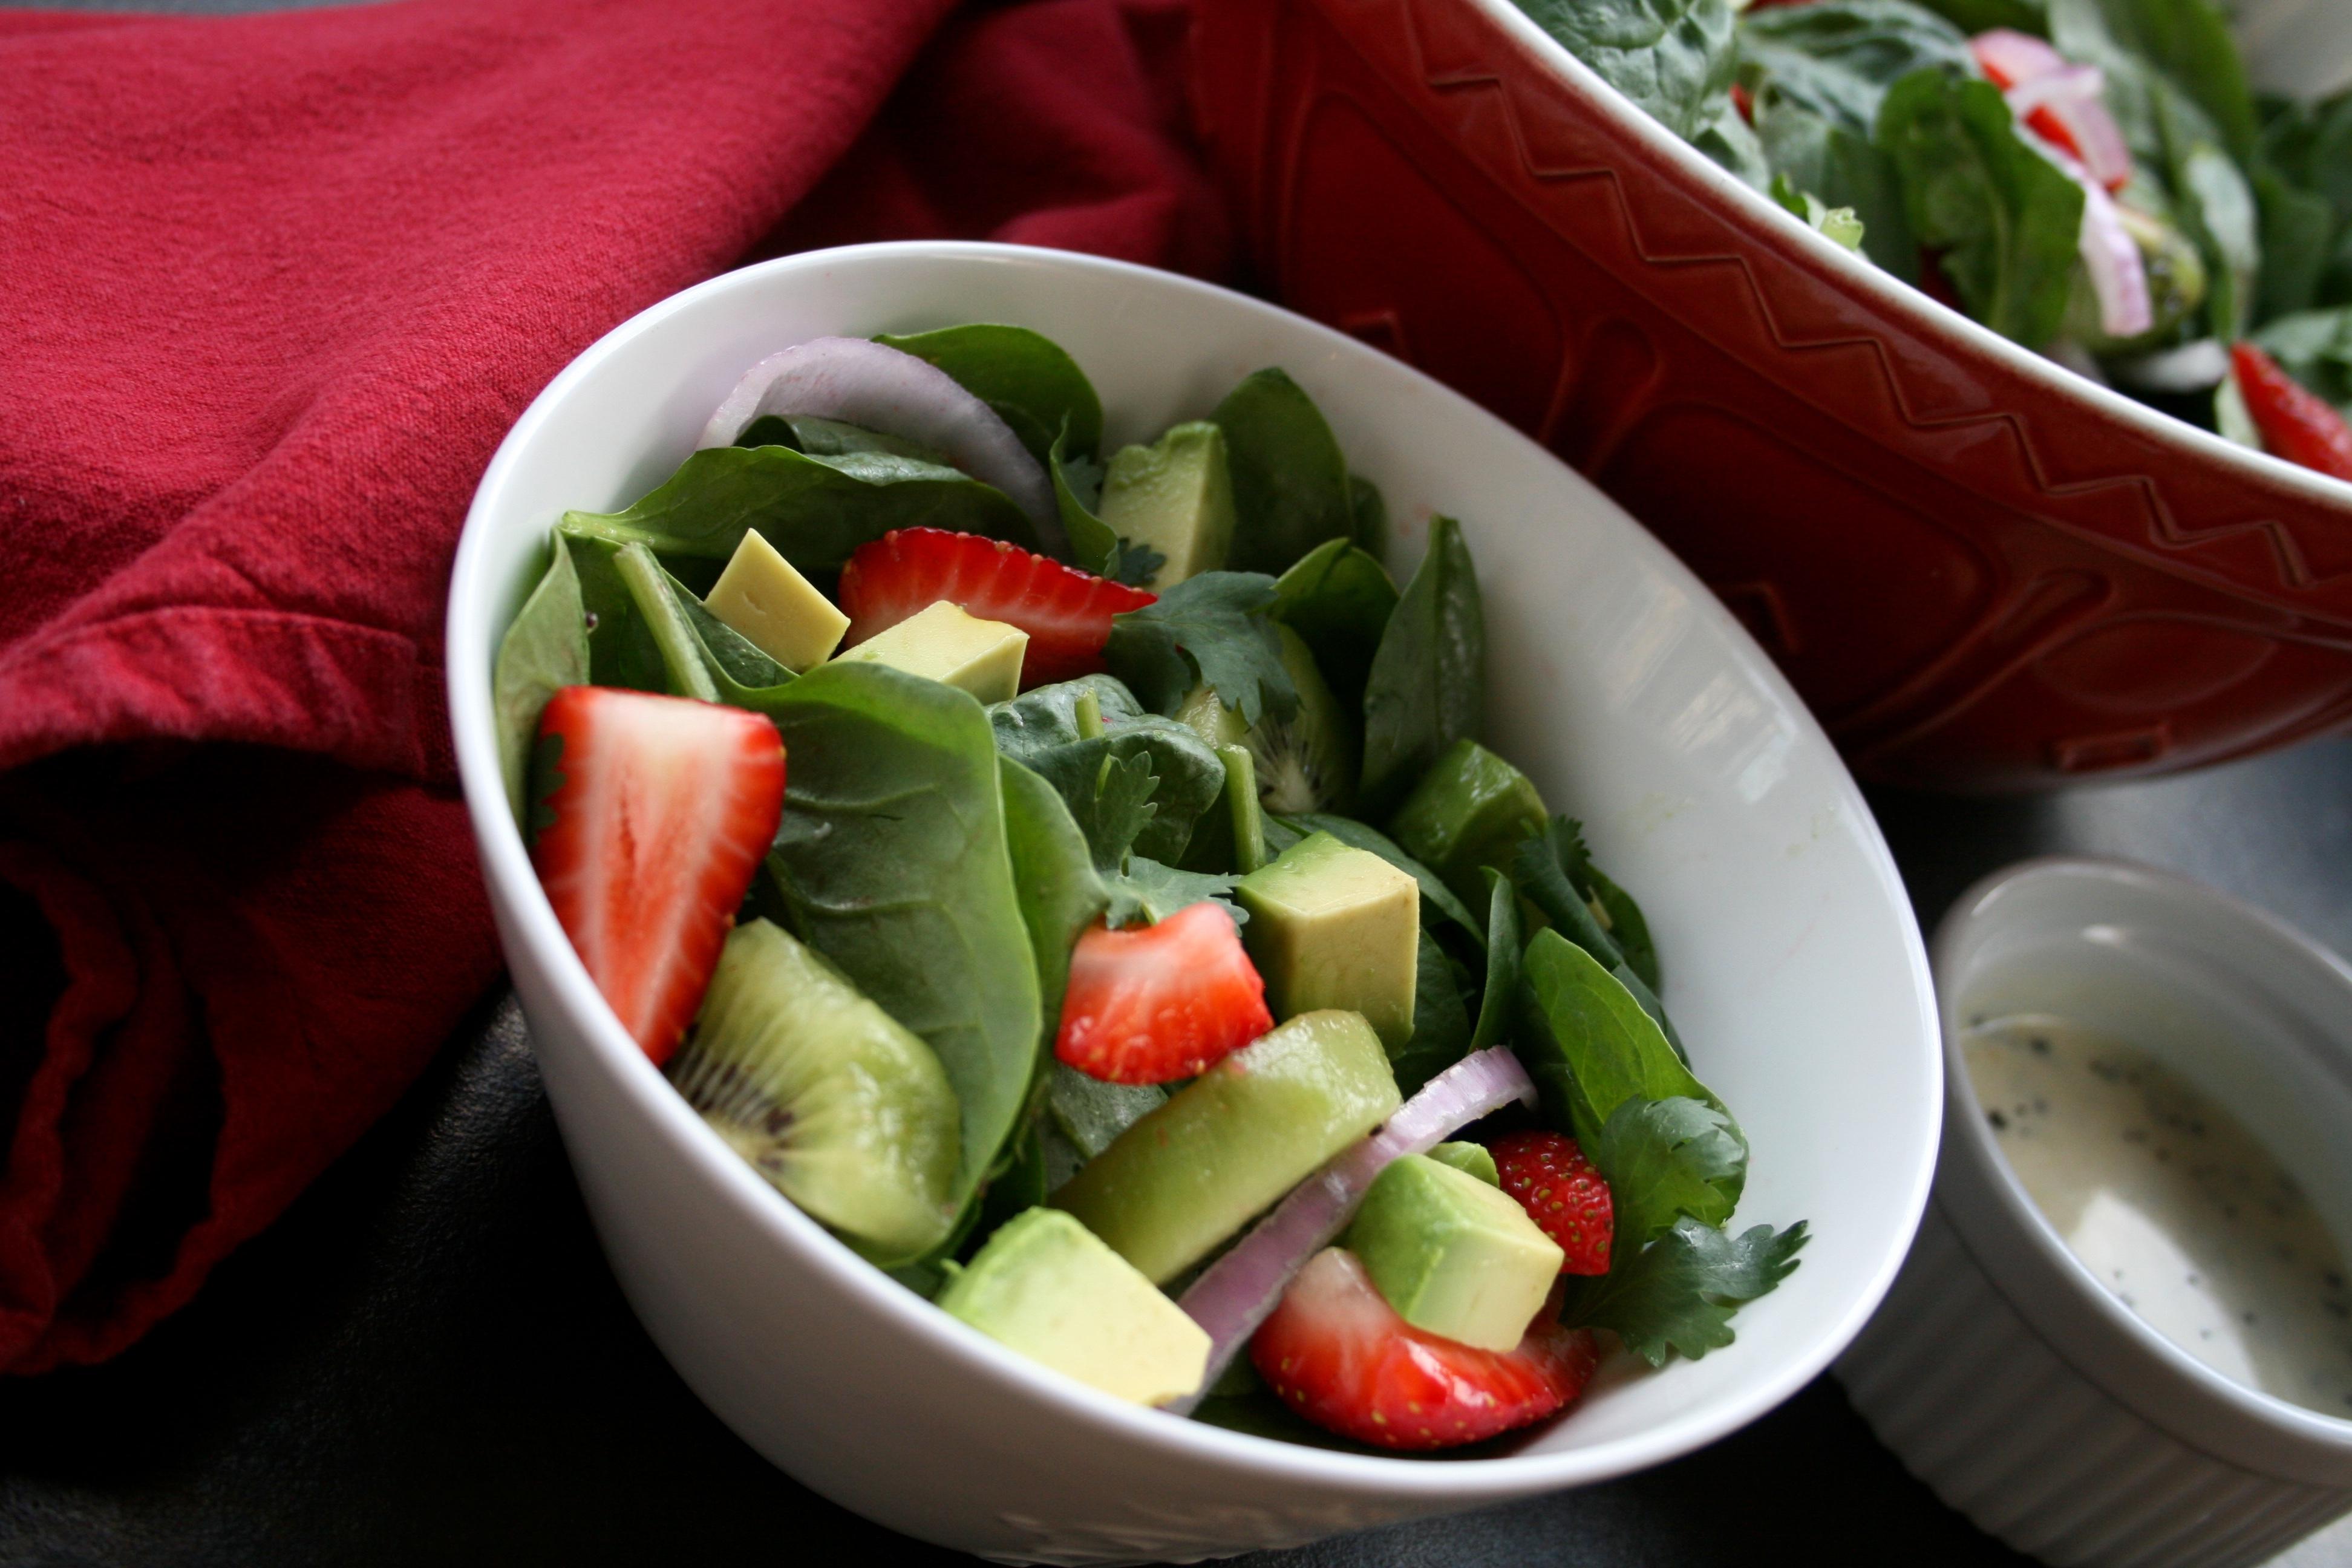 Delicate salad with kiwi fruit